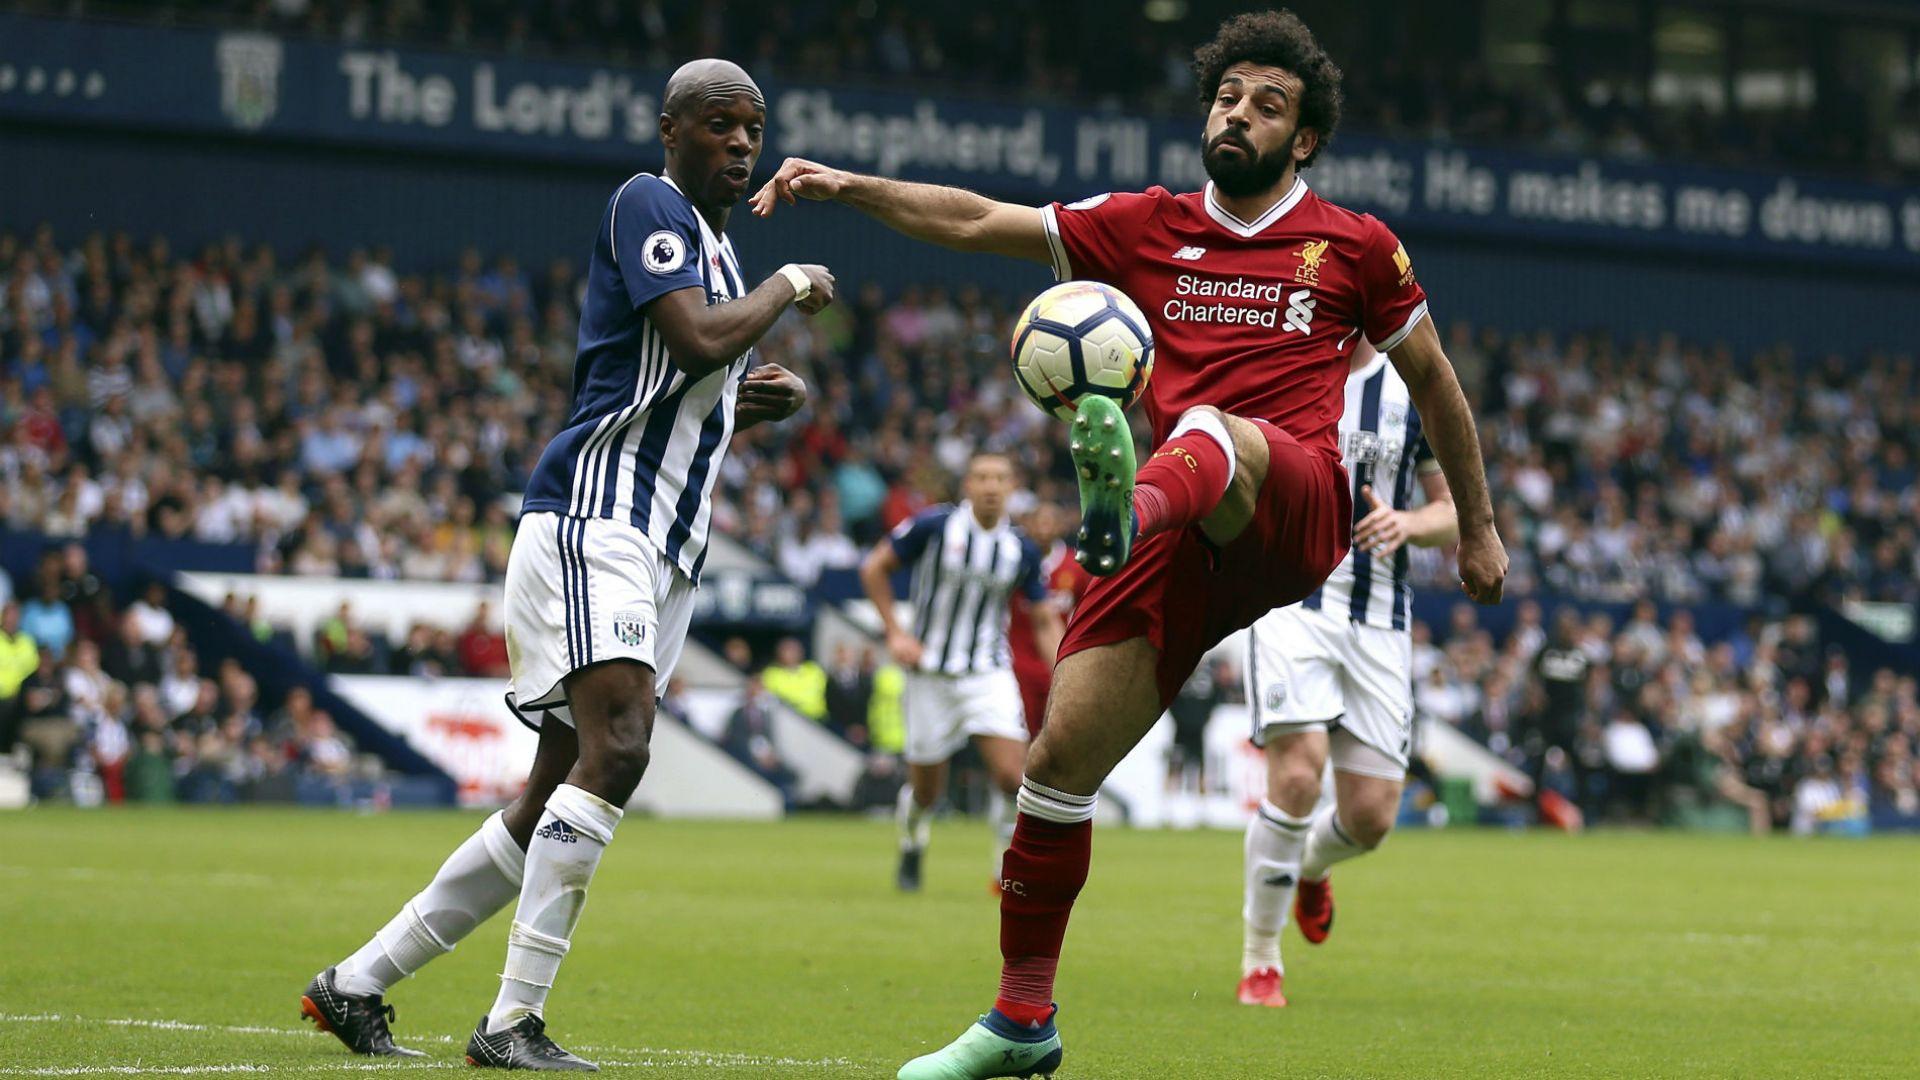 Ливърпул пропиля 2 гола аванс, Салах изравни рекорд на Суарес